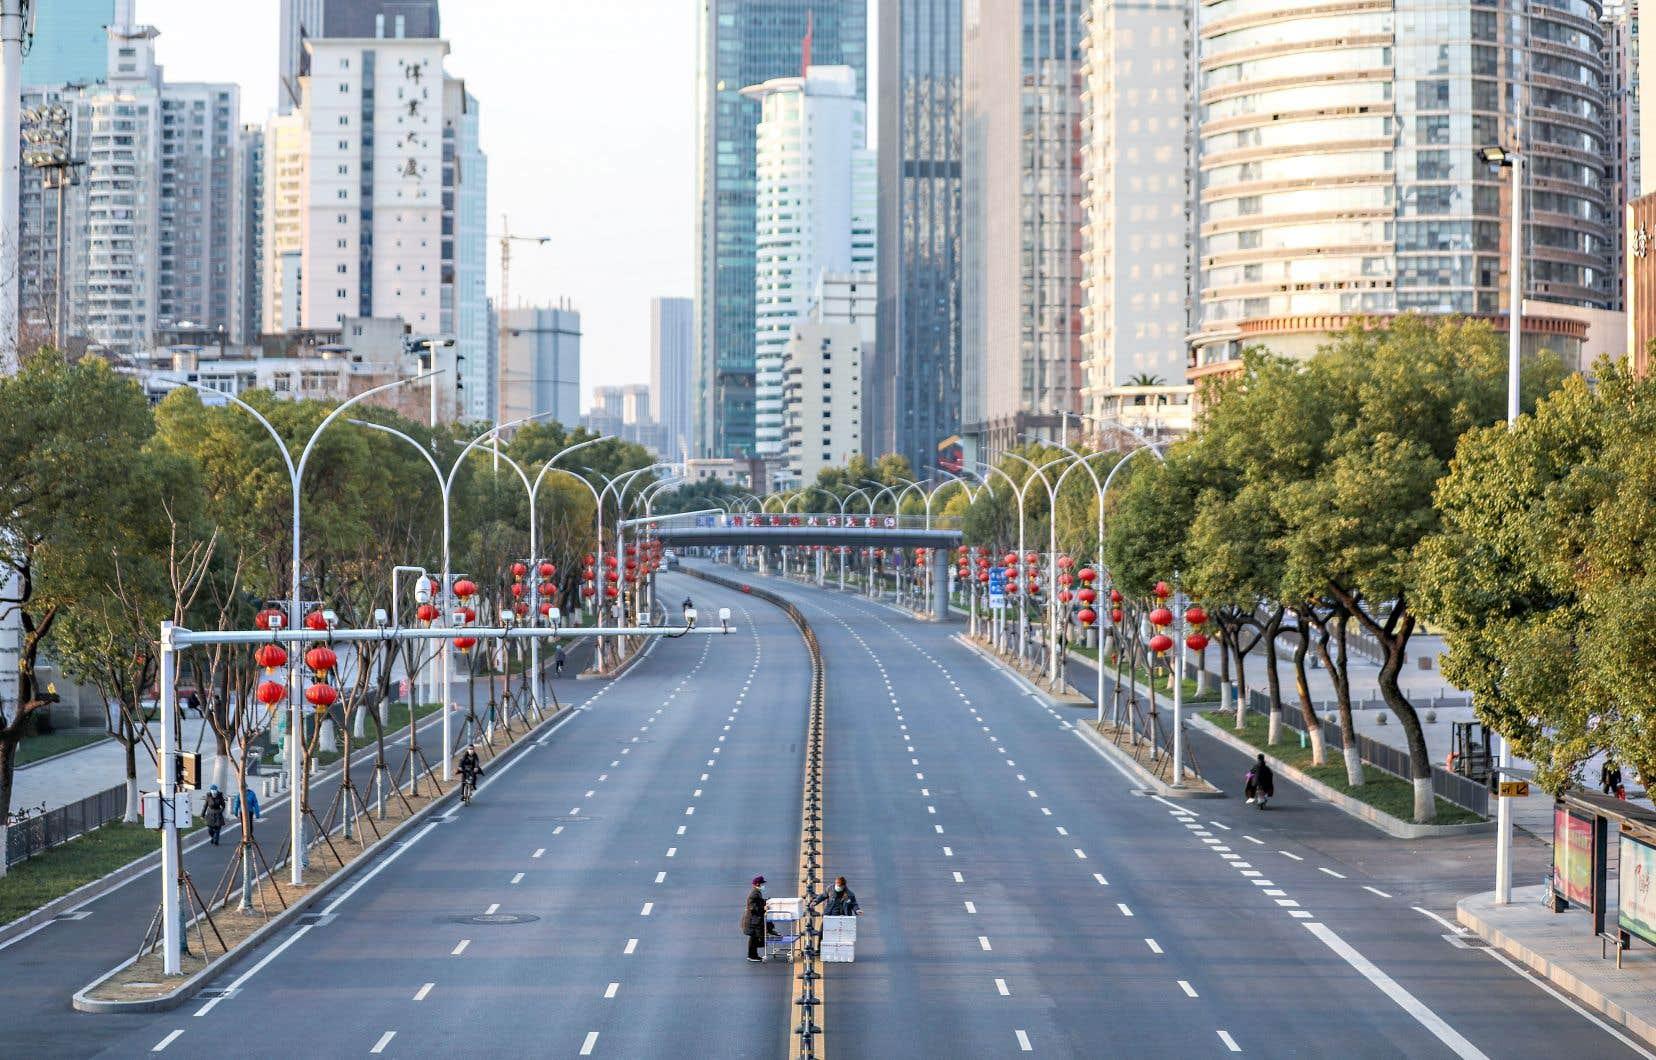 Sur cette photo datée du 20 février 2020, la ville de Wuhan, épicentre de la crise de la COVID-19, se trouvait en quarantaine. Dans son essai, Arnauld Miguet parle entre autres des rues désertes, de la ruée vers les masques et de la construction d'hôpitaux en un temps record. À ce moment-là, le nombre de morts en Chine était de 2236, la plupart dénombrés dans la province de Hubei, où se situe la ville de Wuhan.